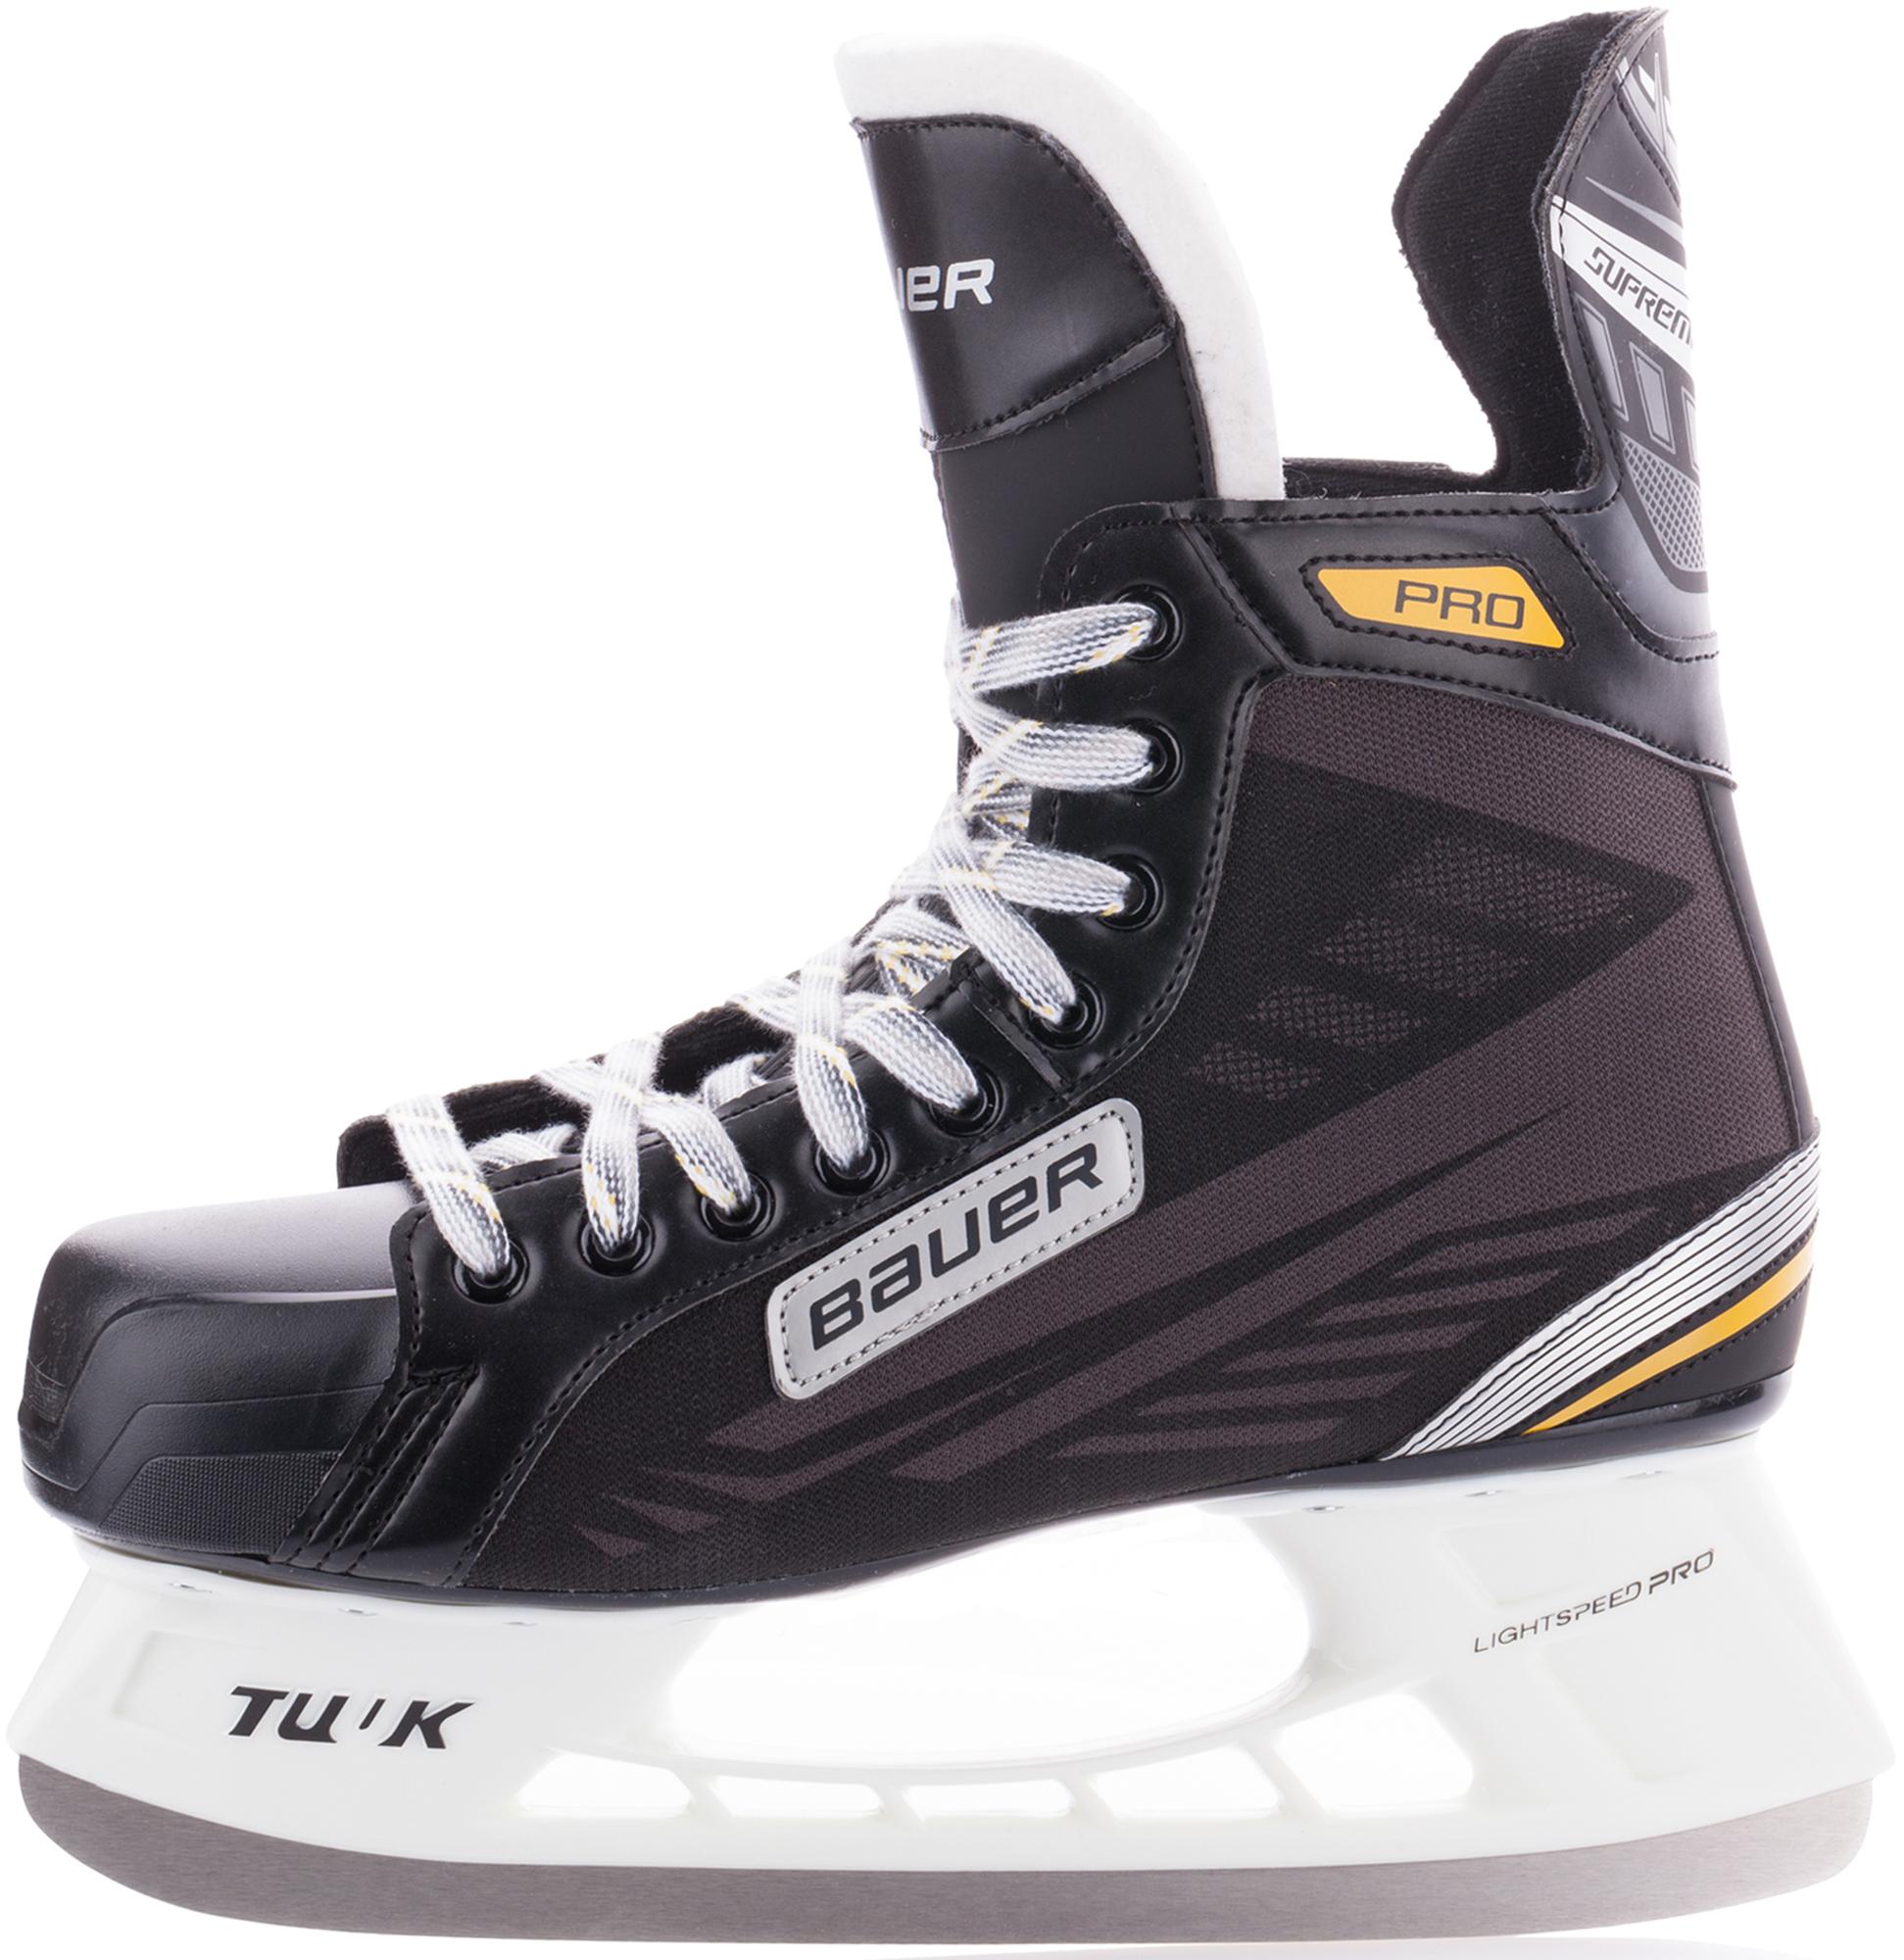 Bauer Коньки хоккейные Bauer Supreme Pro коньки хоккейные bauer supreme s160 ee подростковые